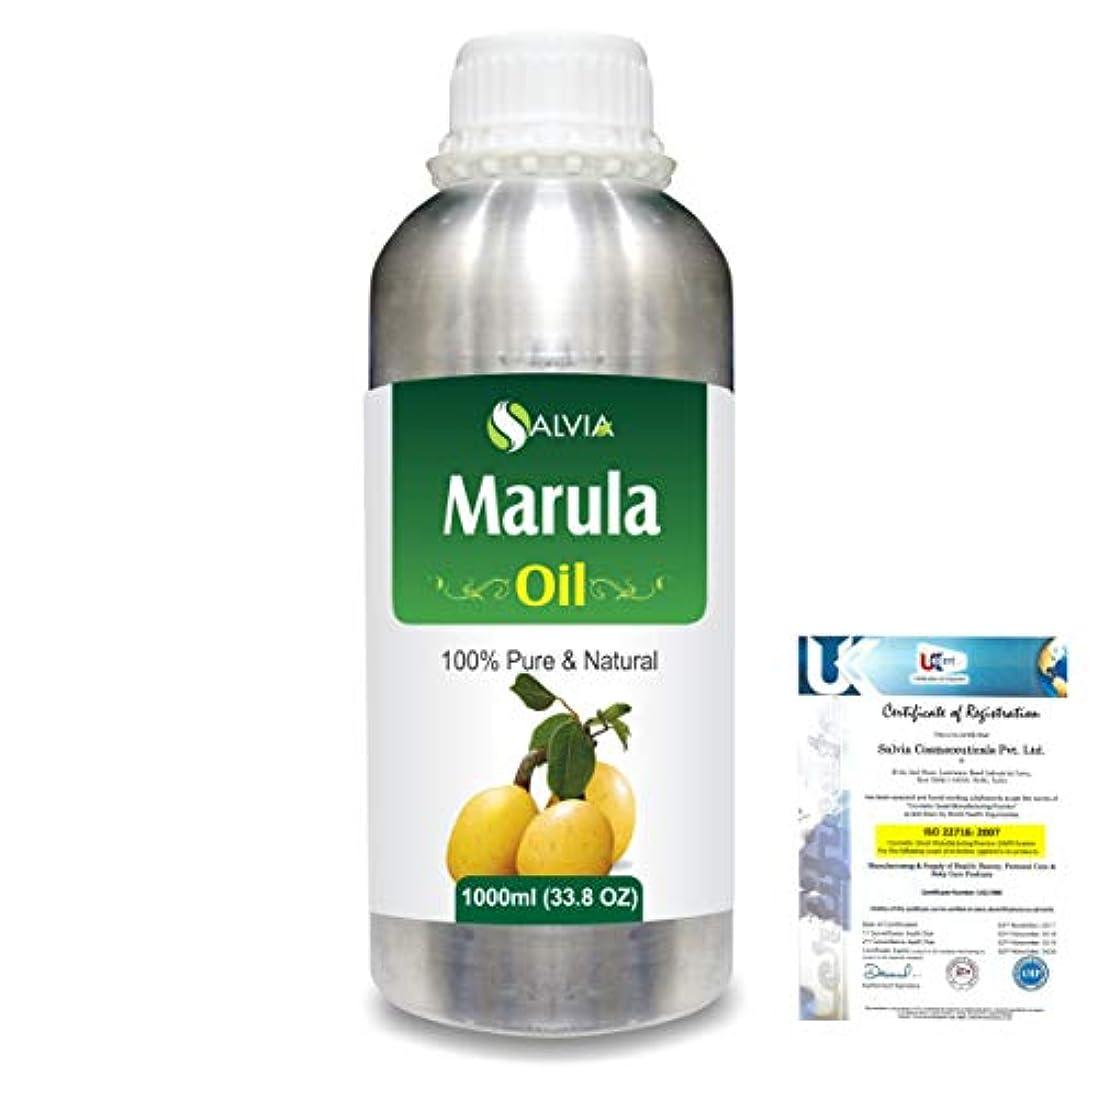 広大な欠陥正統派Marula (Sclerocarya birrea) Natural Pure Undiluted Uncut Carrier Oil 1000ml/33.8 fl.oz.